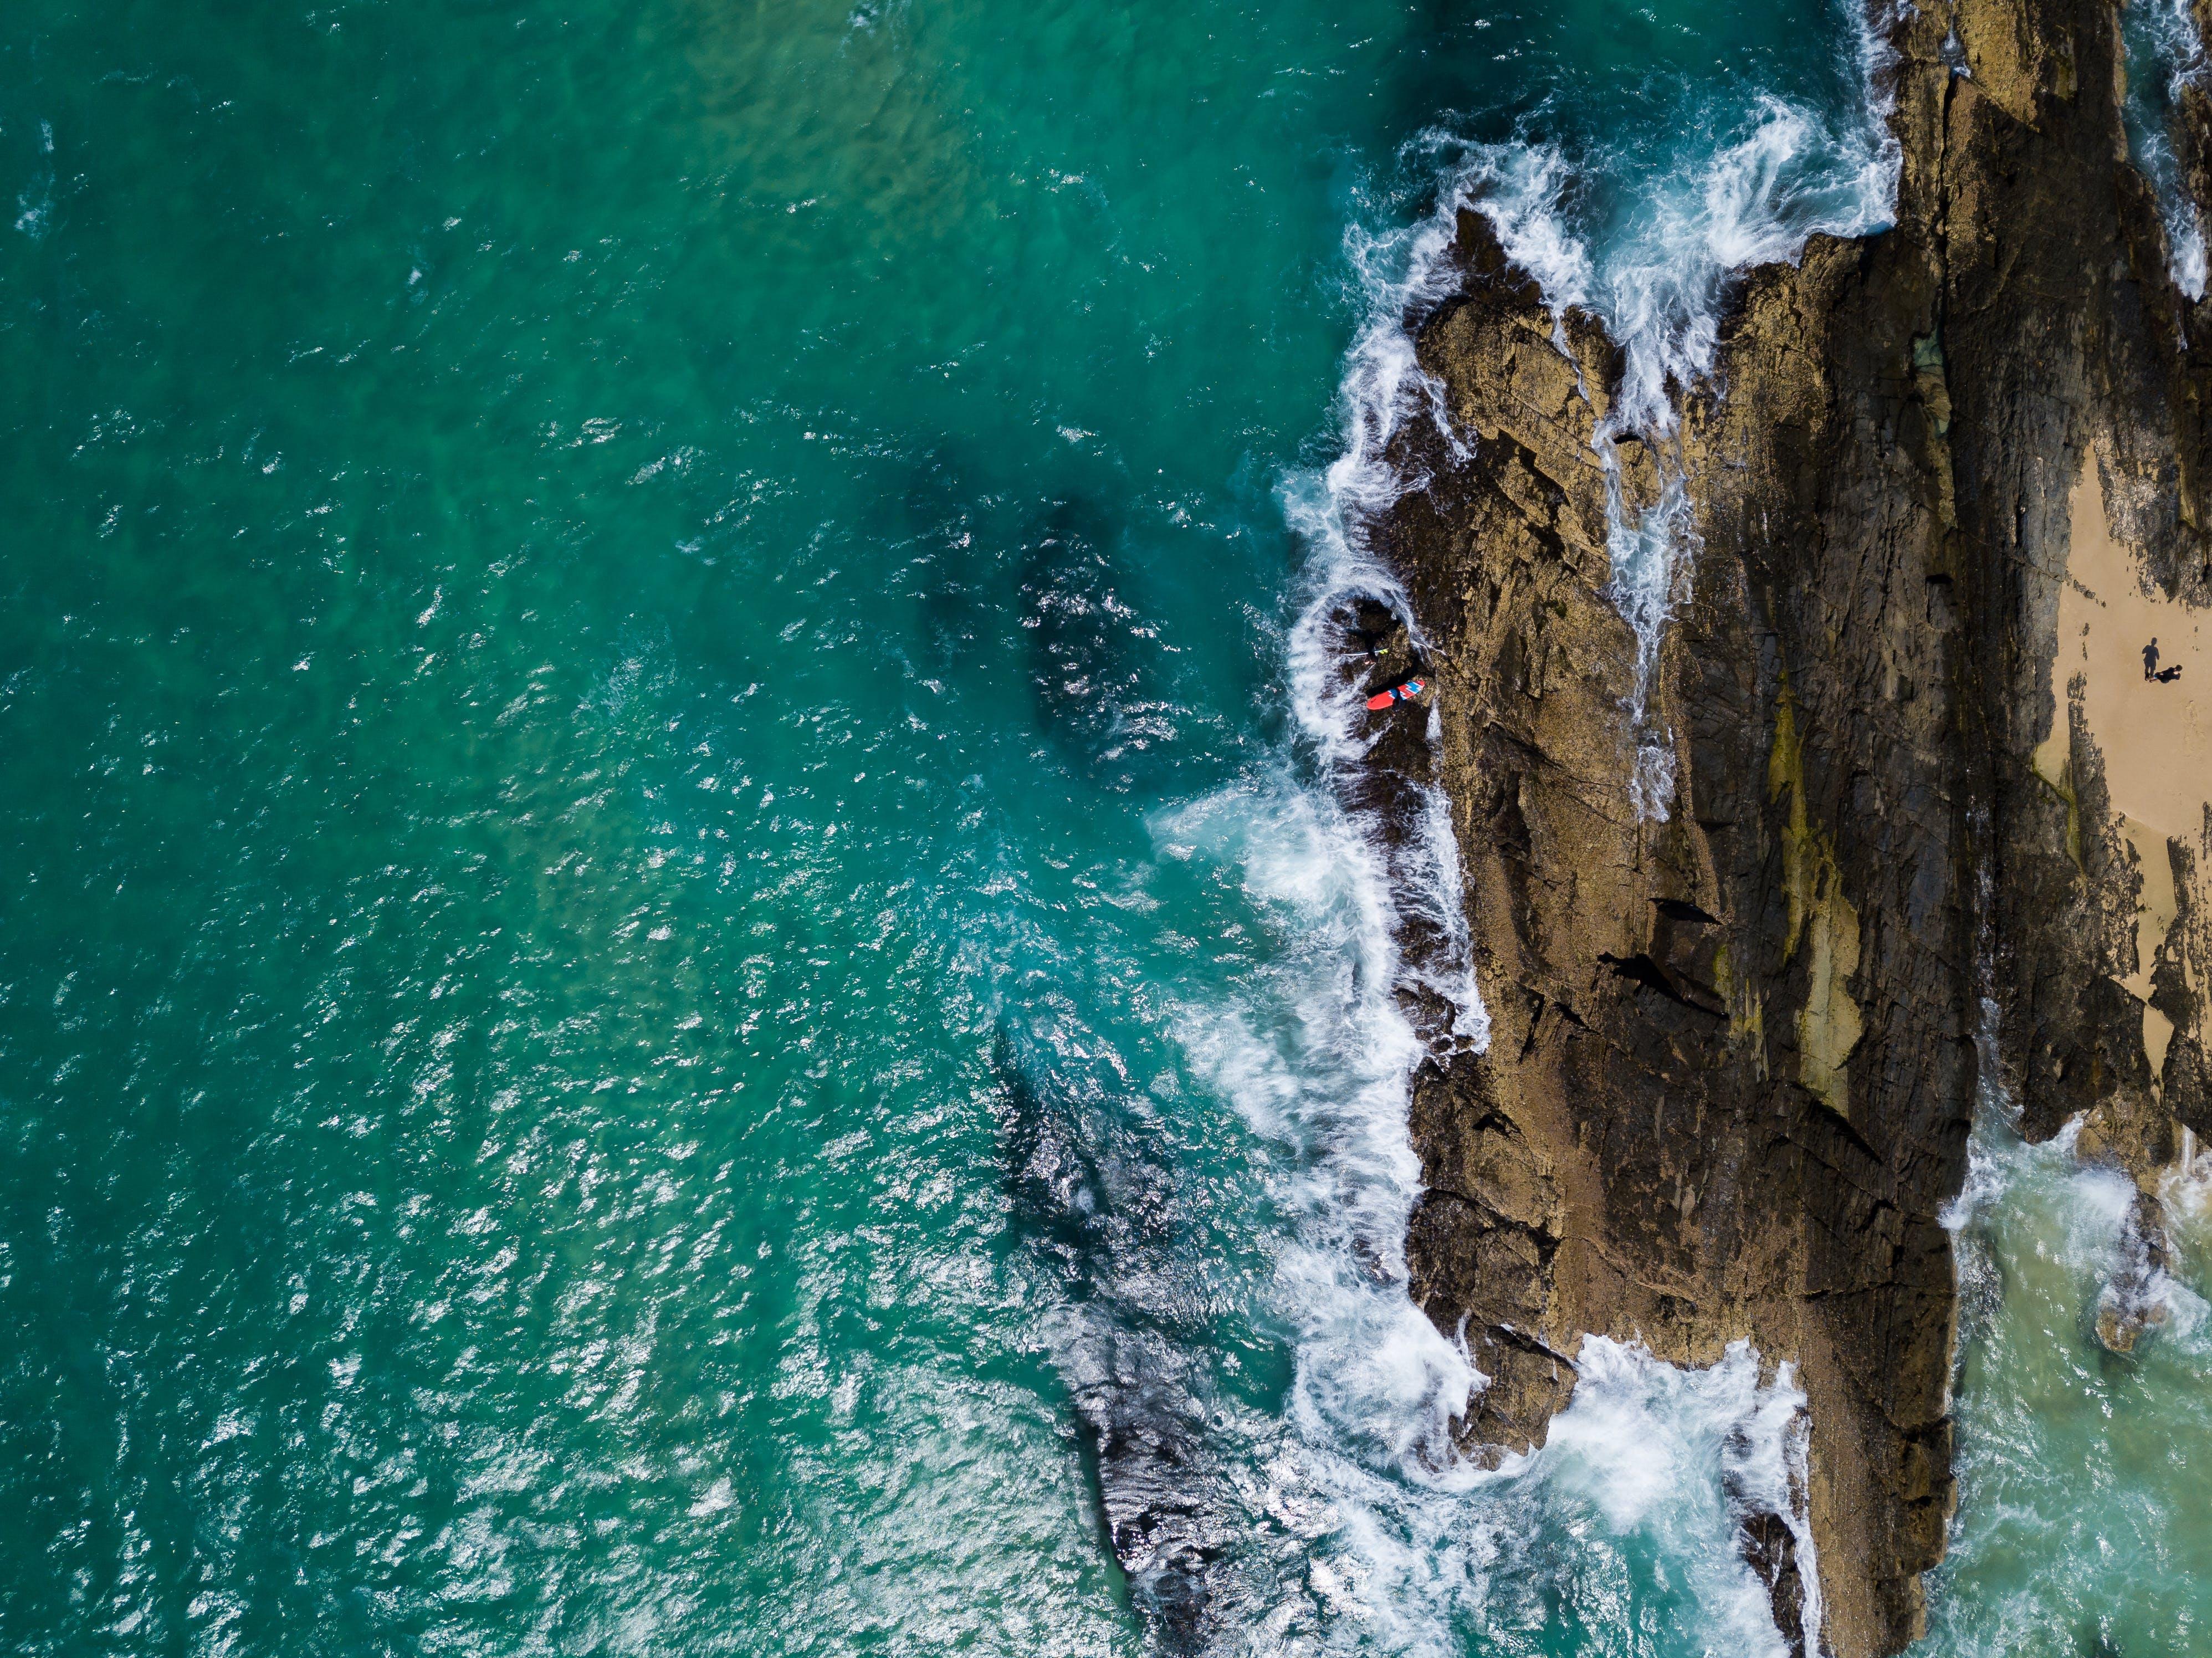 Gratis lagerfoto af bølger, dronefotografering, dronekamera, droneoptagelse